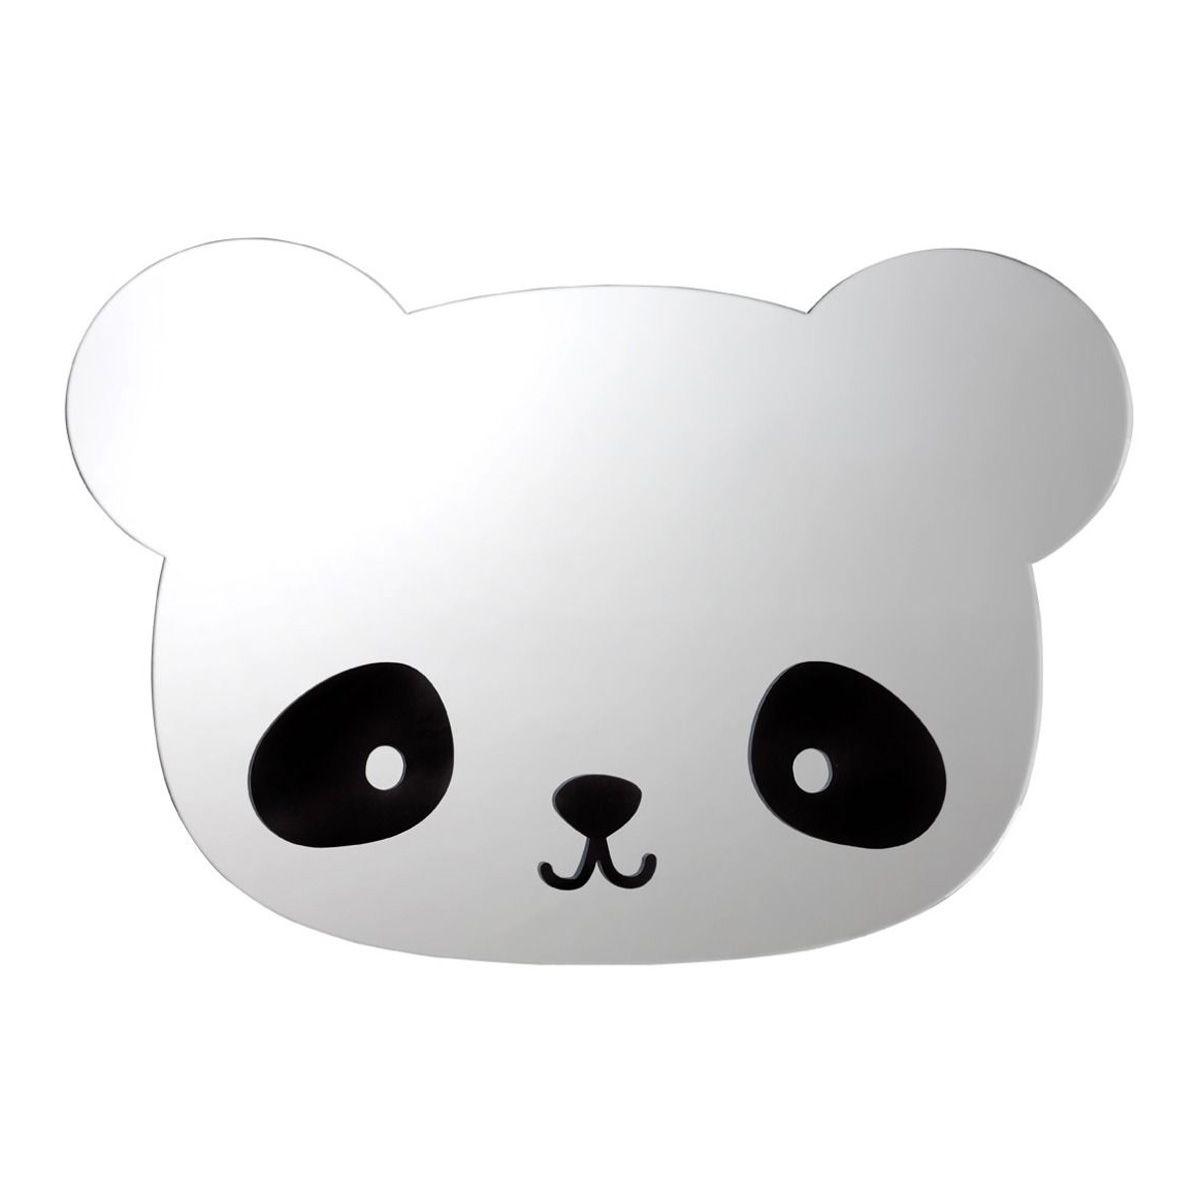 Full Size of Spiegel Kinderzimmer Panda Von A Little Lovely Company Kaufen Bad Spiegelschrank Led Spiegellampe Mit Beleuchtung Regale Badezimmer Fliesenspiegel Küche Glas Kinderzimmer Spiegel Kinderzimmer